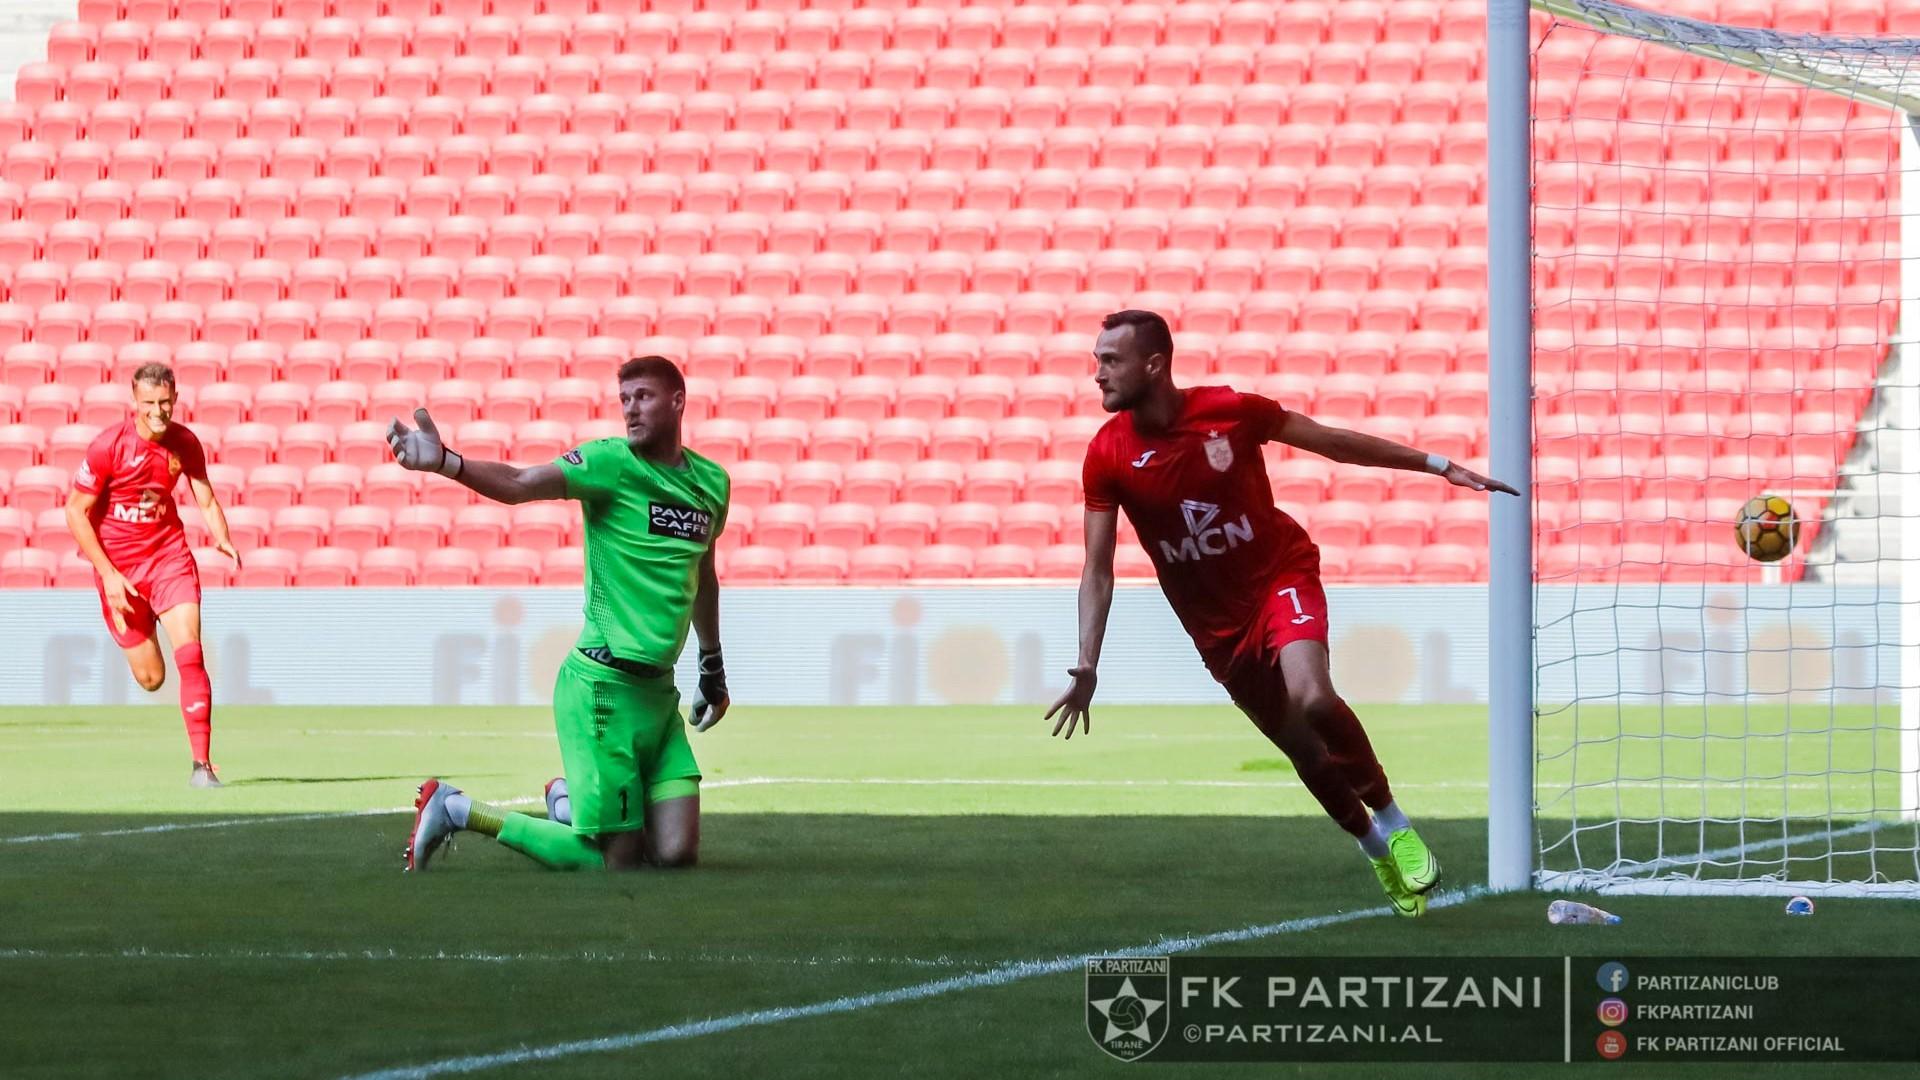 Zyrtare: FIFA pranon kërkesën e Partizanit, tani Çinari mund të luajë